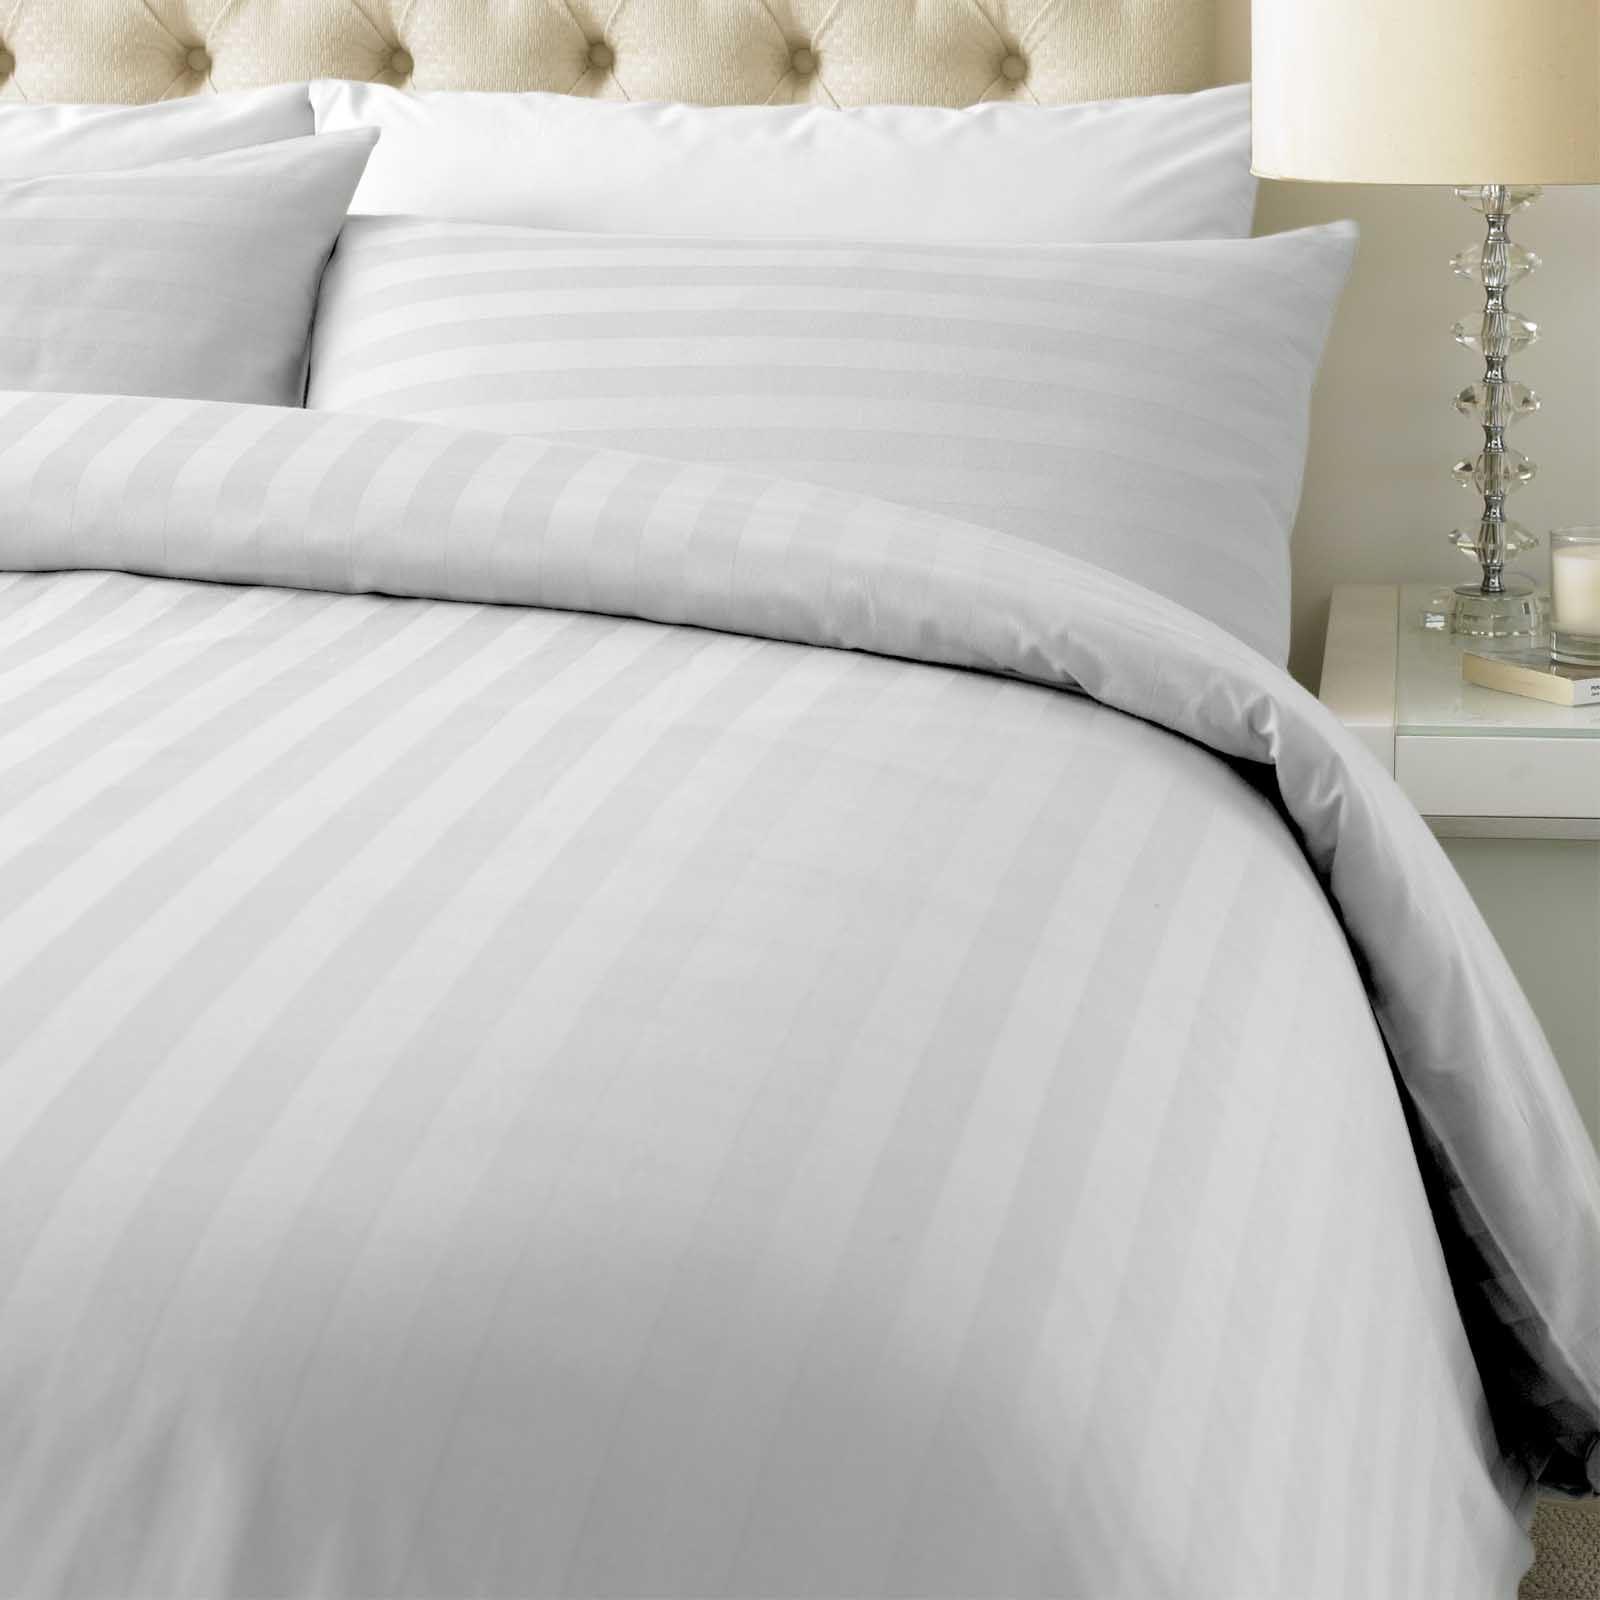 Luxury 800 Thread Count Cotton Rich Satin Stripe Duvet